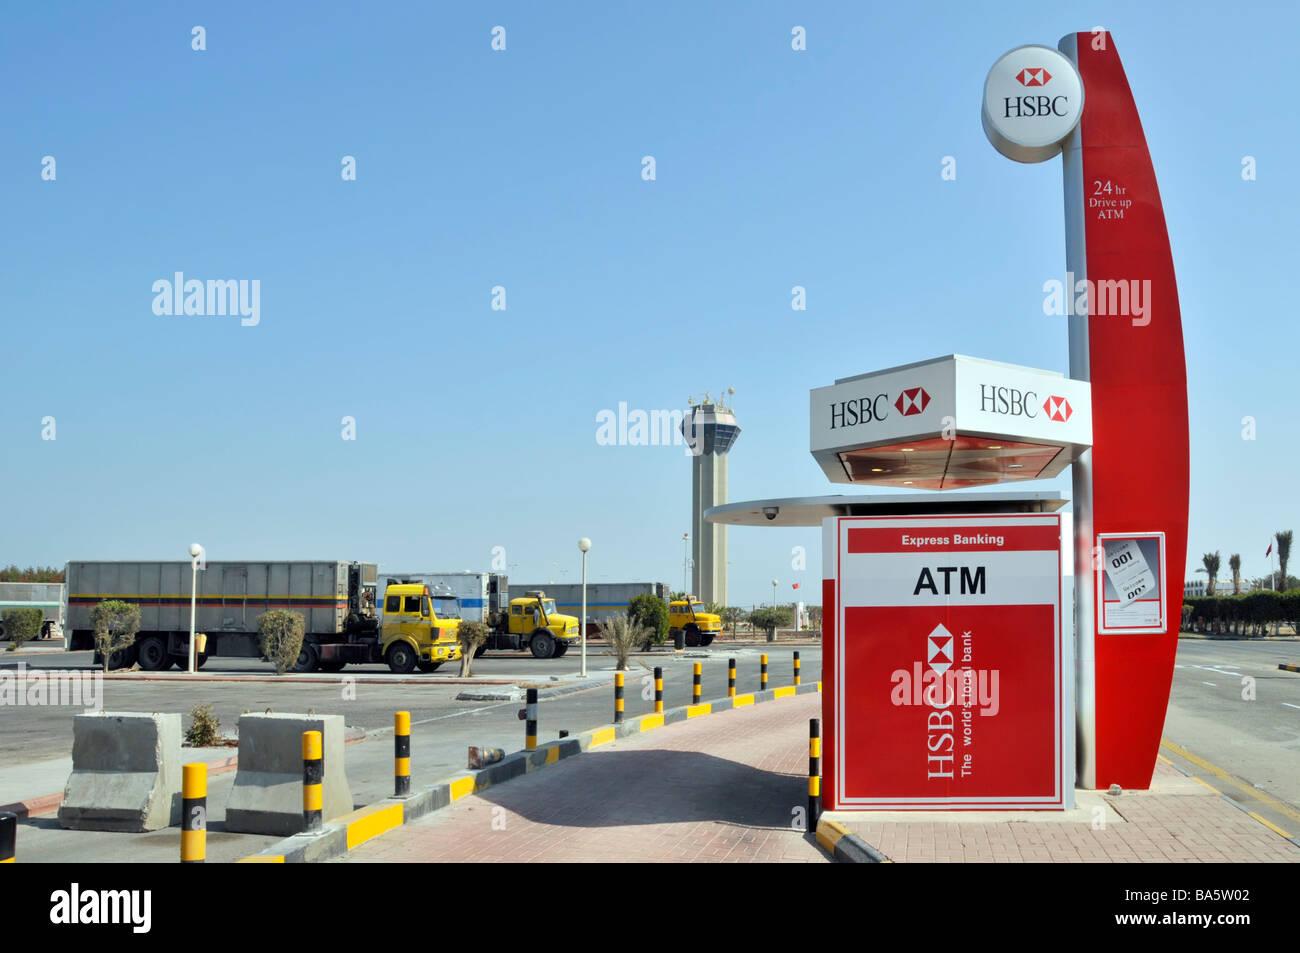 HSBC 'drive attraverso l' ATM servizi facility per gli automobilisti circa metà su Causeway King Fahd Immagini Stock